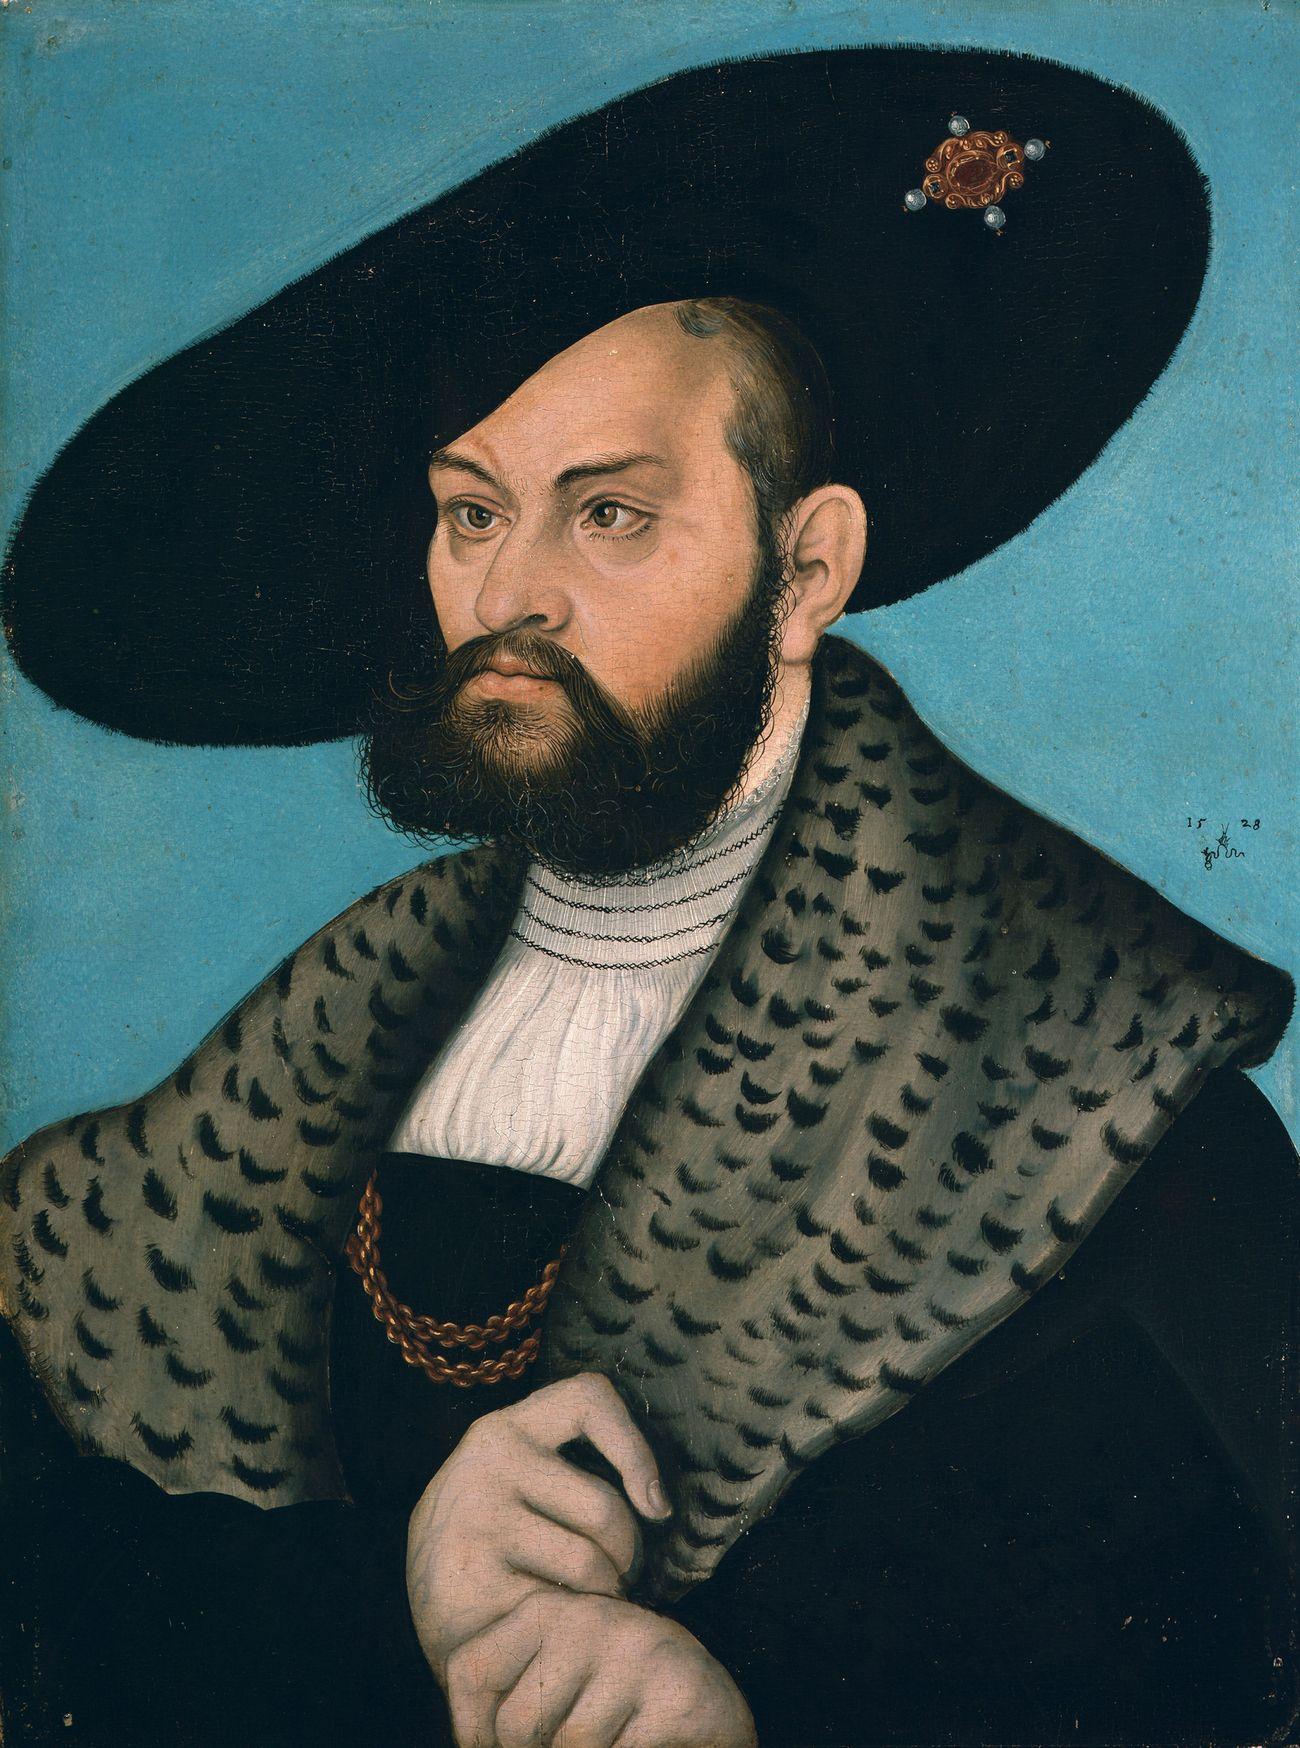 Albrecht Hohenzollern, mimo że tytuł wielkiego mistrza Zakonu Krzyżackiego zawdzięczał między innymi przychylności swojego wuja Zygmunta Starego, to zawarł sojusz z księciem moskiewskim Wasylem III, gdy ten prowadził wojnę z Polską.